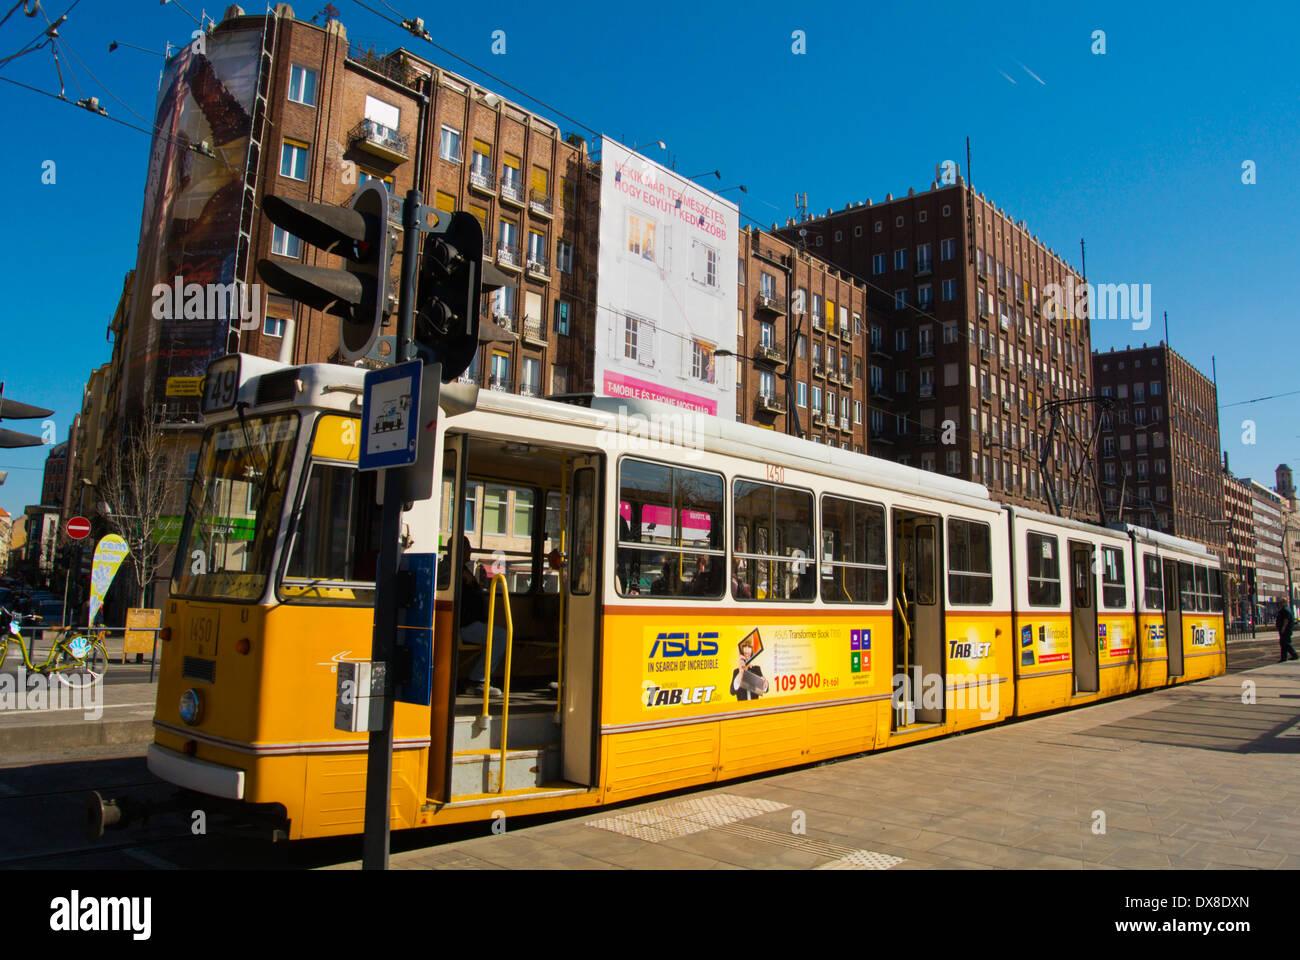 Tram 49 at terminal stop, Karoly korut bouleard, central Budapest, Hungary, Europe - Stock Image